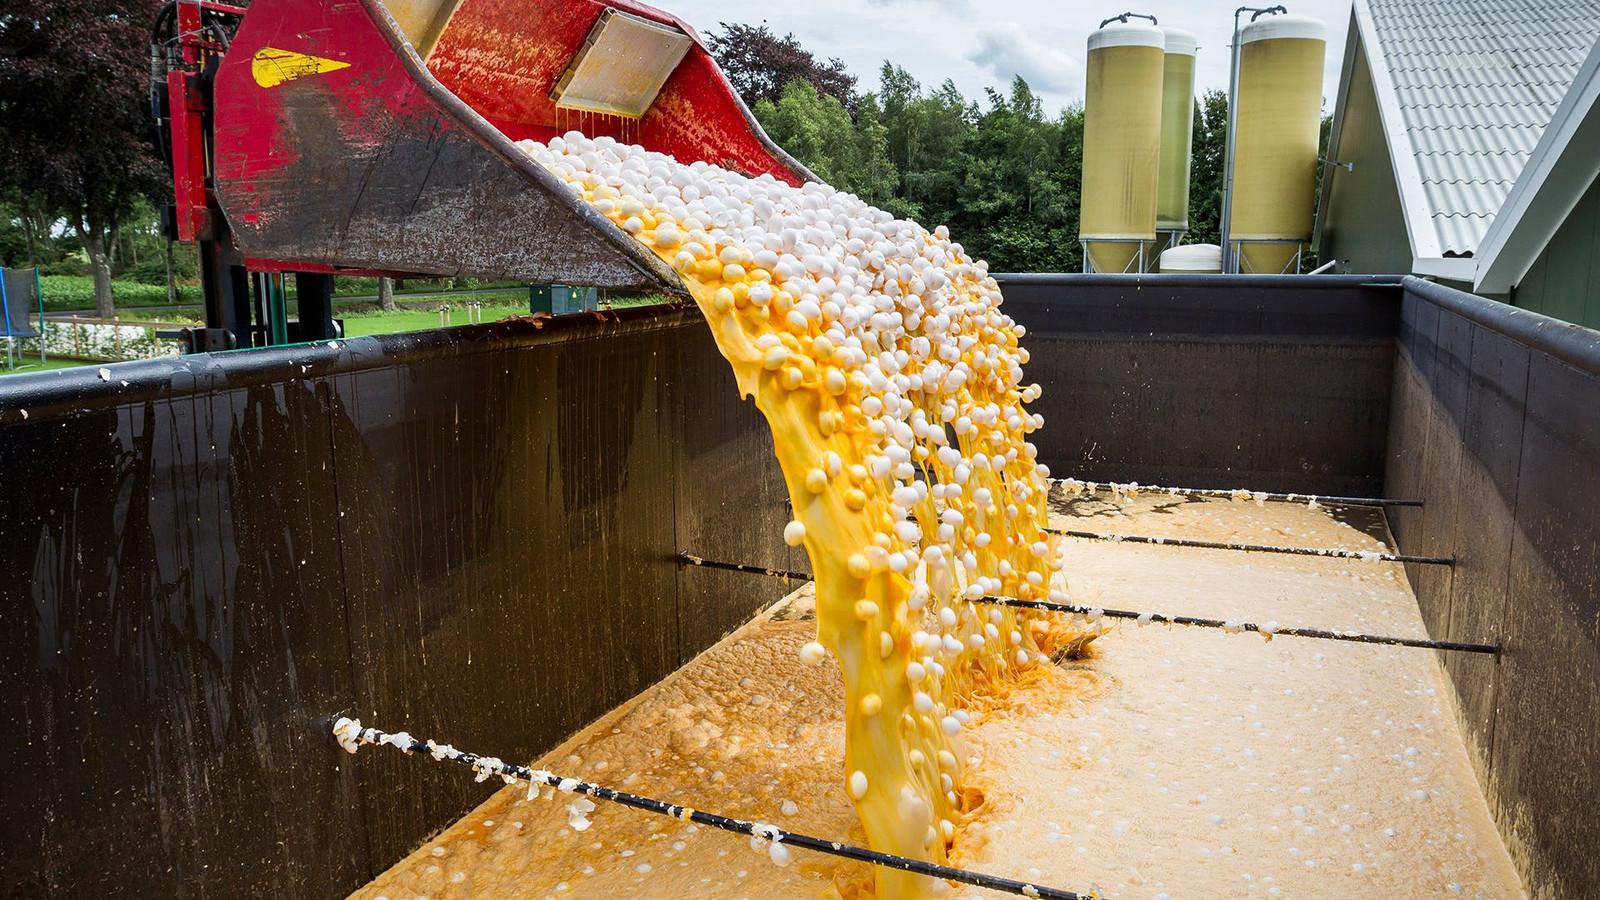 Omdat in de eieren de verboden stof fipronil werd gevonden, moesten miljoenen eieren worden teruggeroepen en vernietigd.